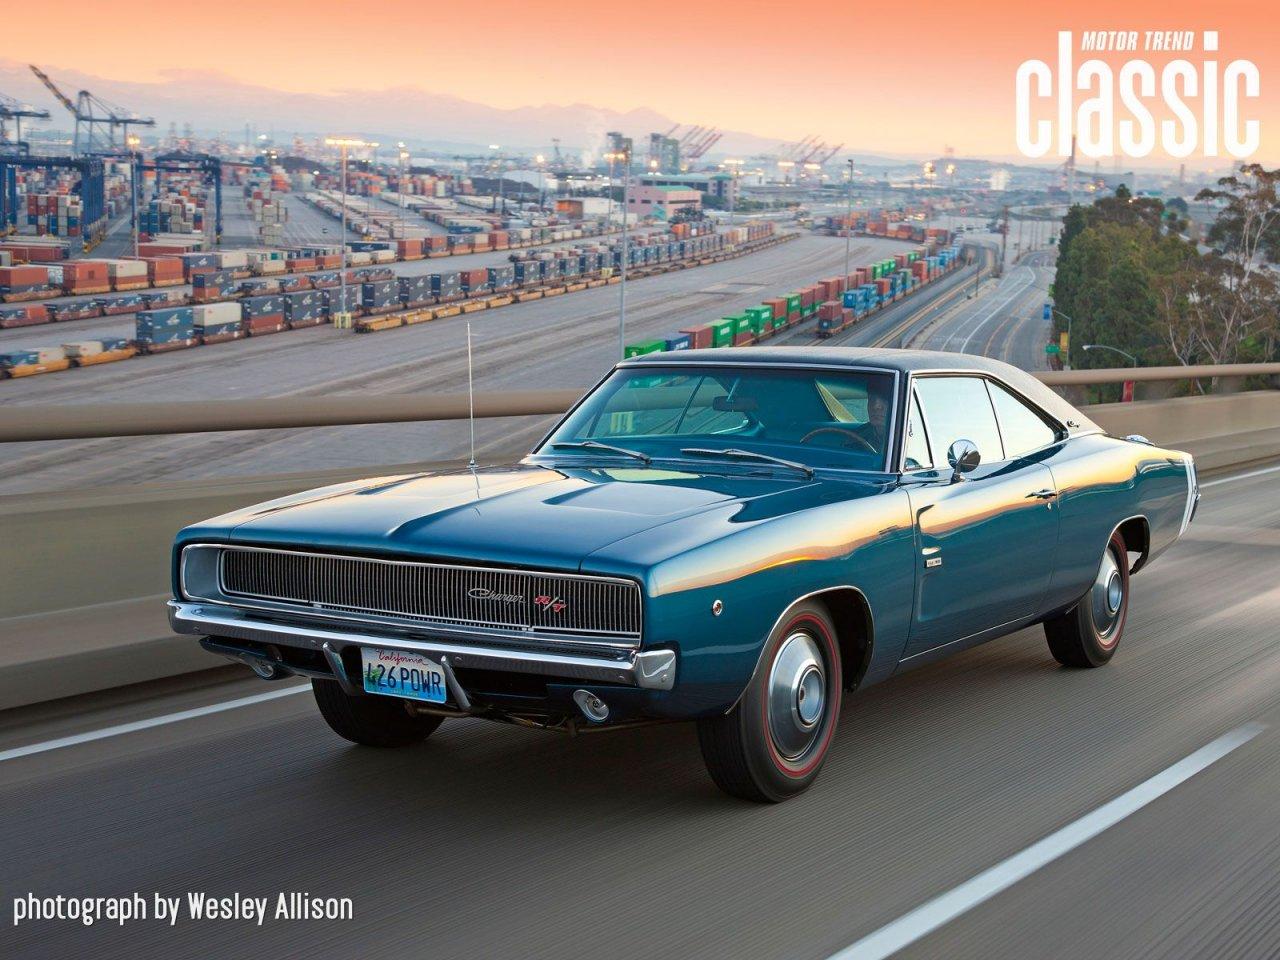 1969 Dodge Charger R T Hemi Specs Best Photos 1964 Laptimes Performance